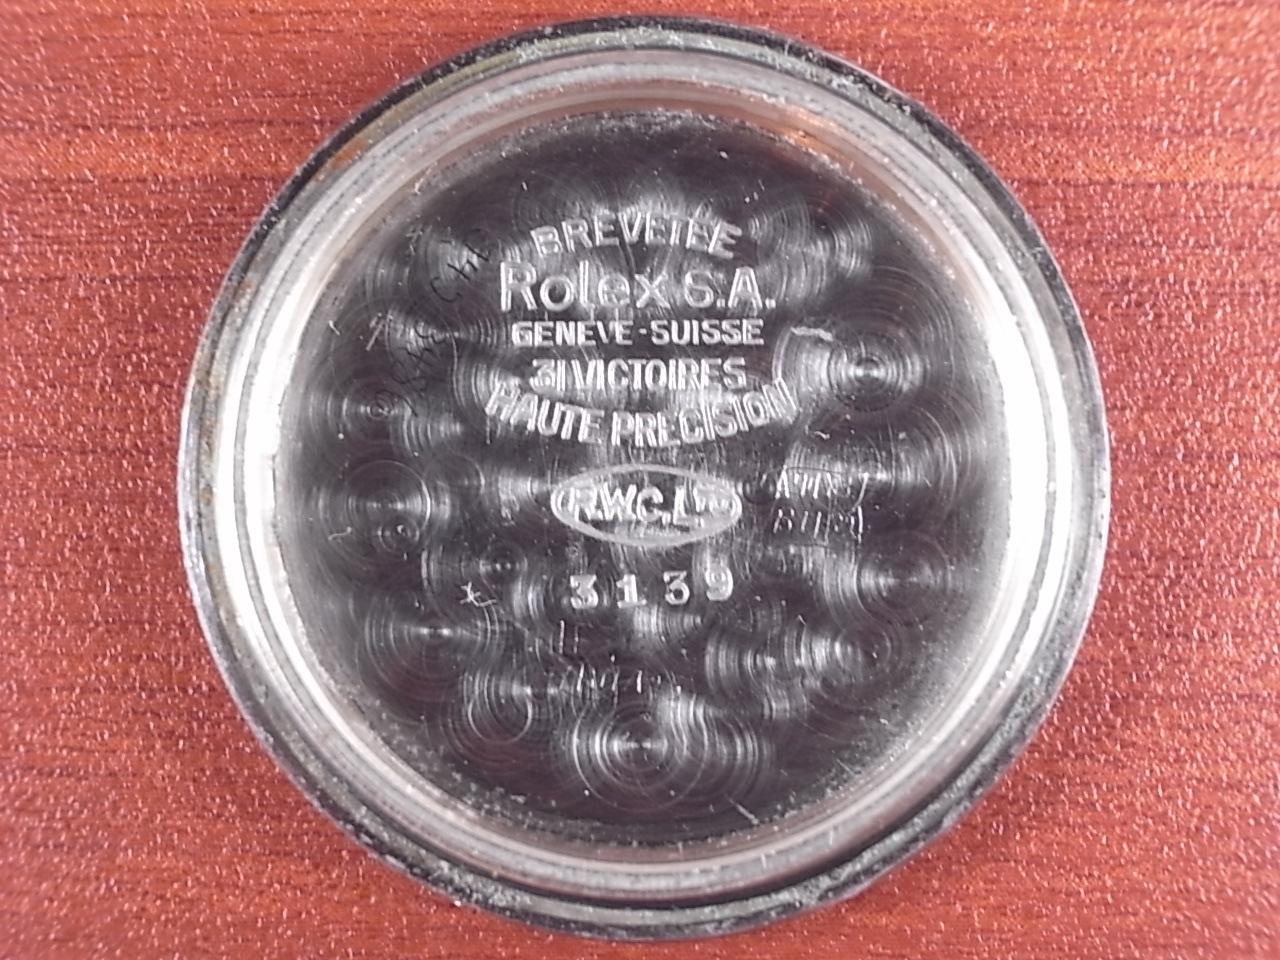 ロレックス オイスター アーミー Ref.3139 ボンクリップバンブーブレス付 1940年代の写真6枚目